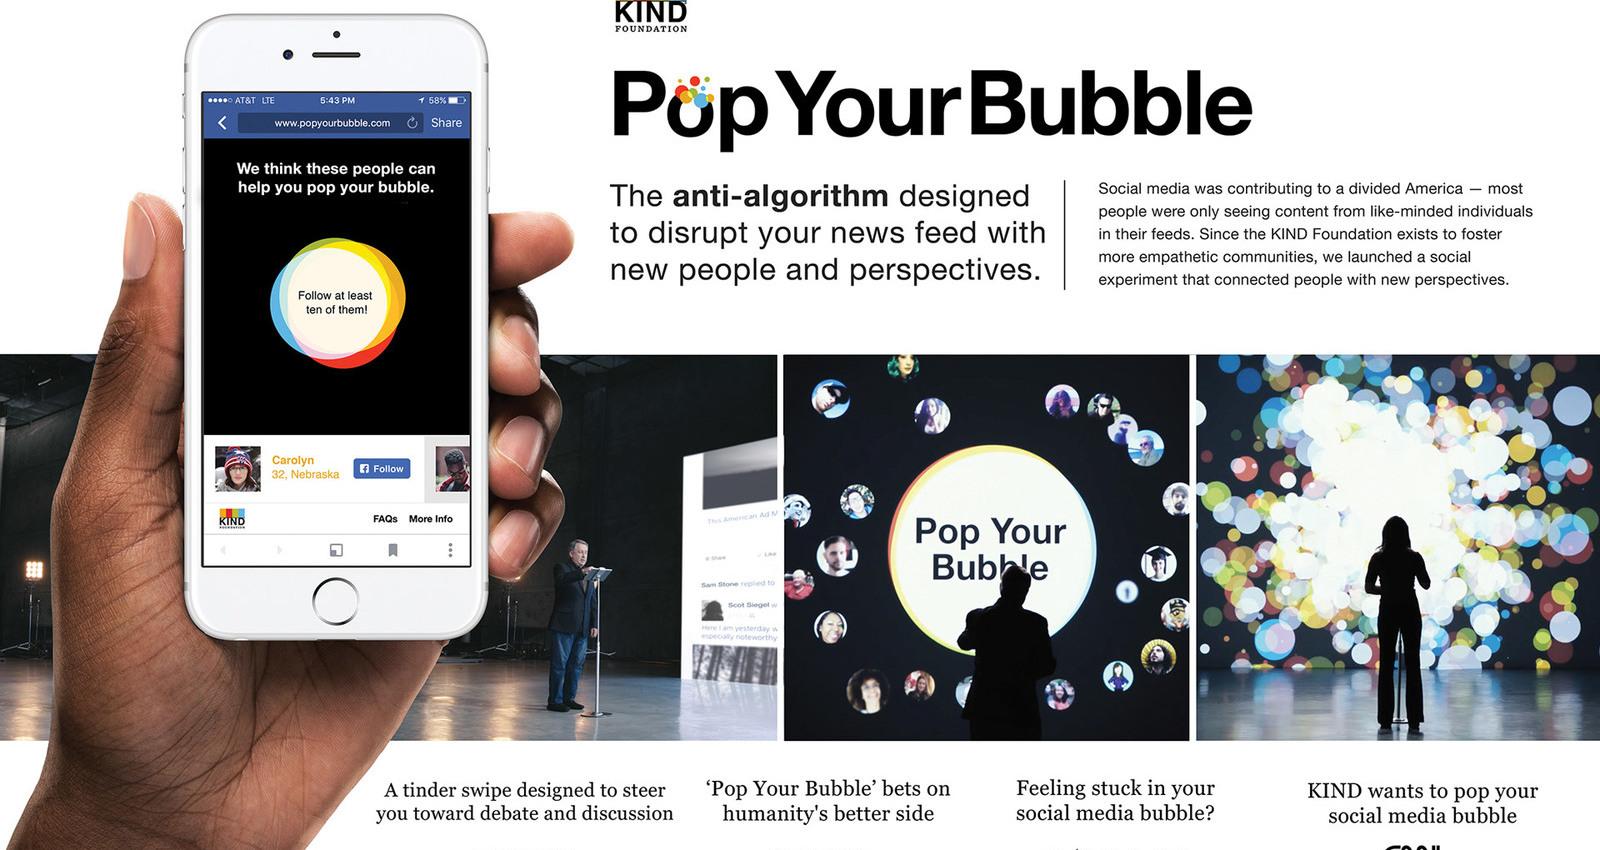 Pop Your Bubble